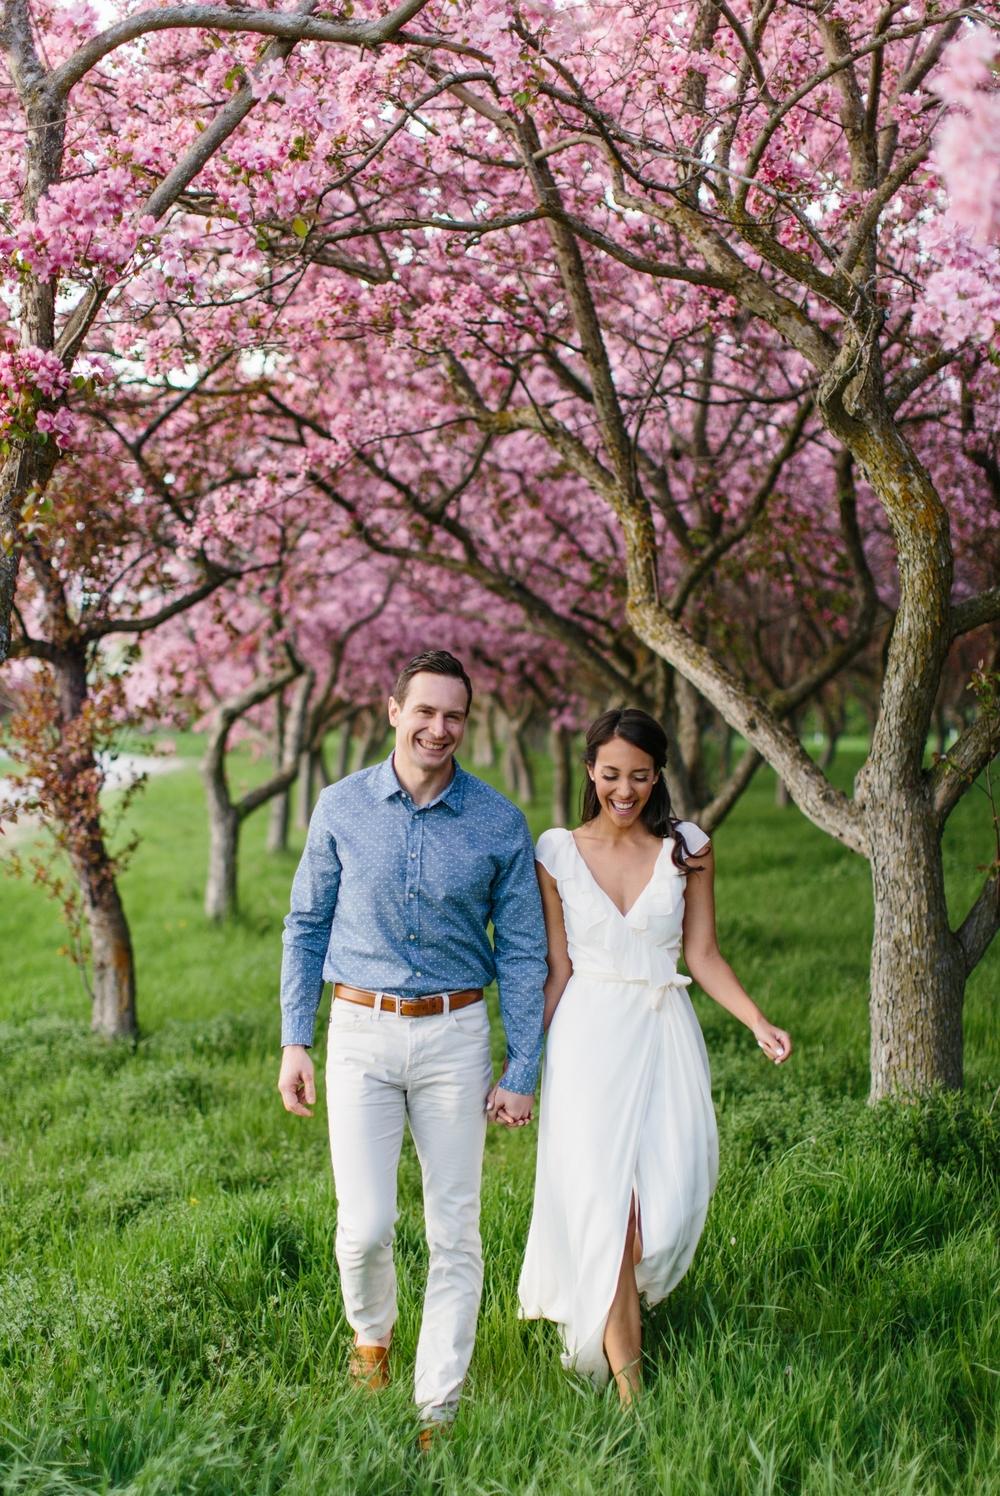 Ottawa Engagement Session Apple Blossoms 6.jpg